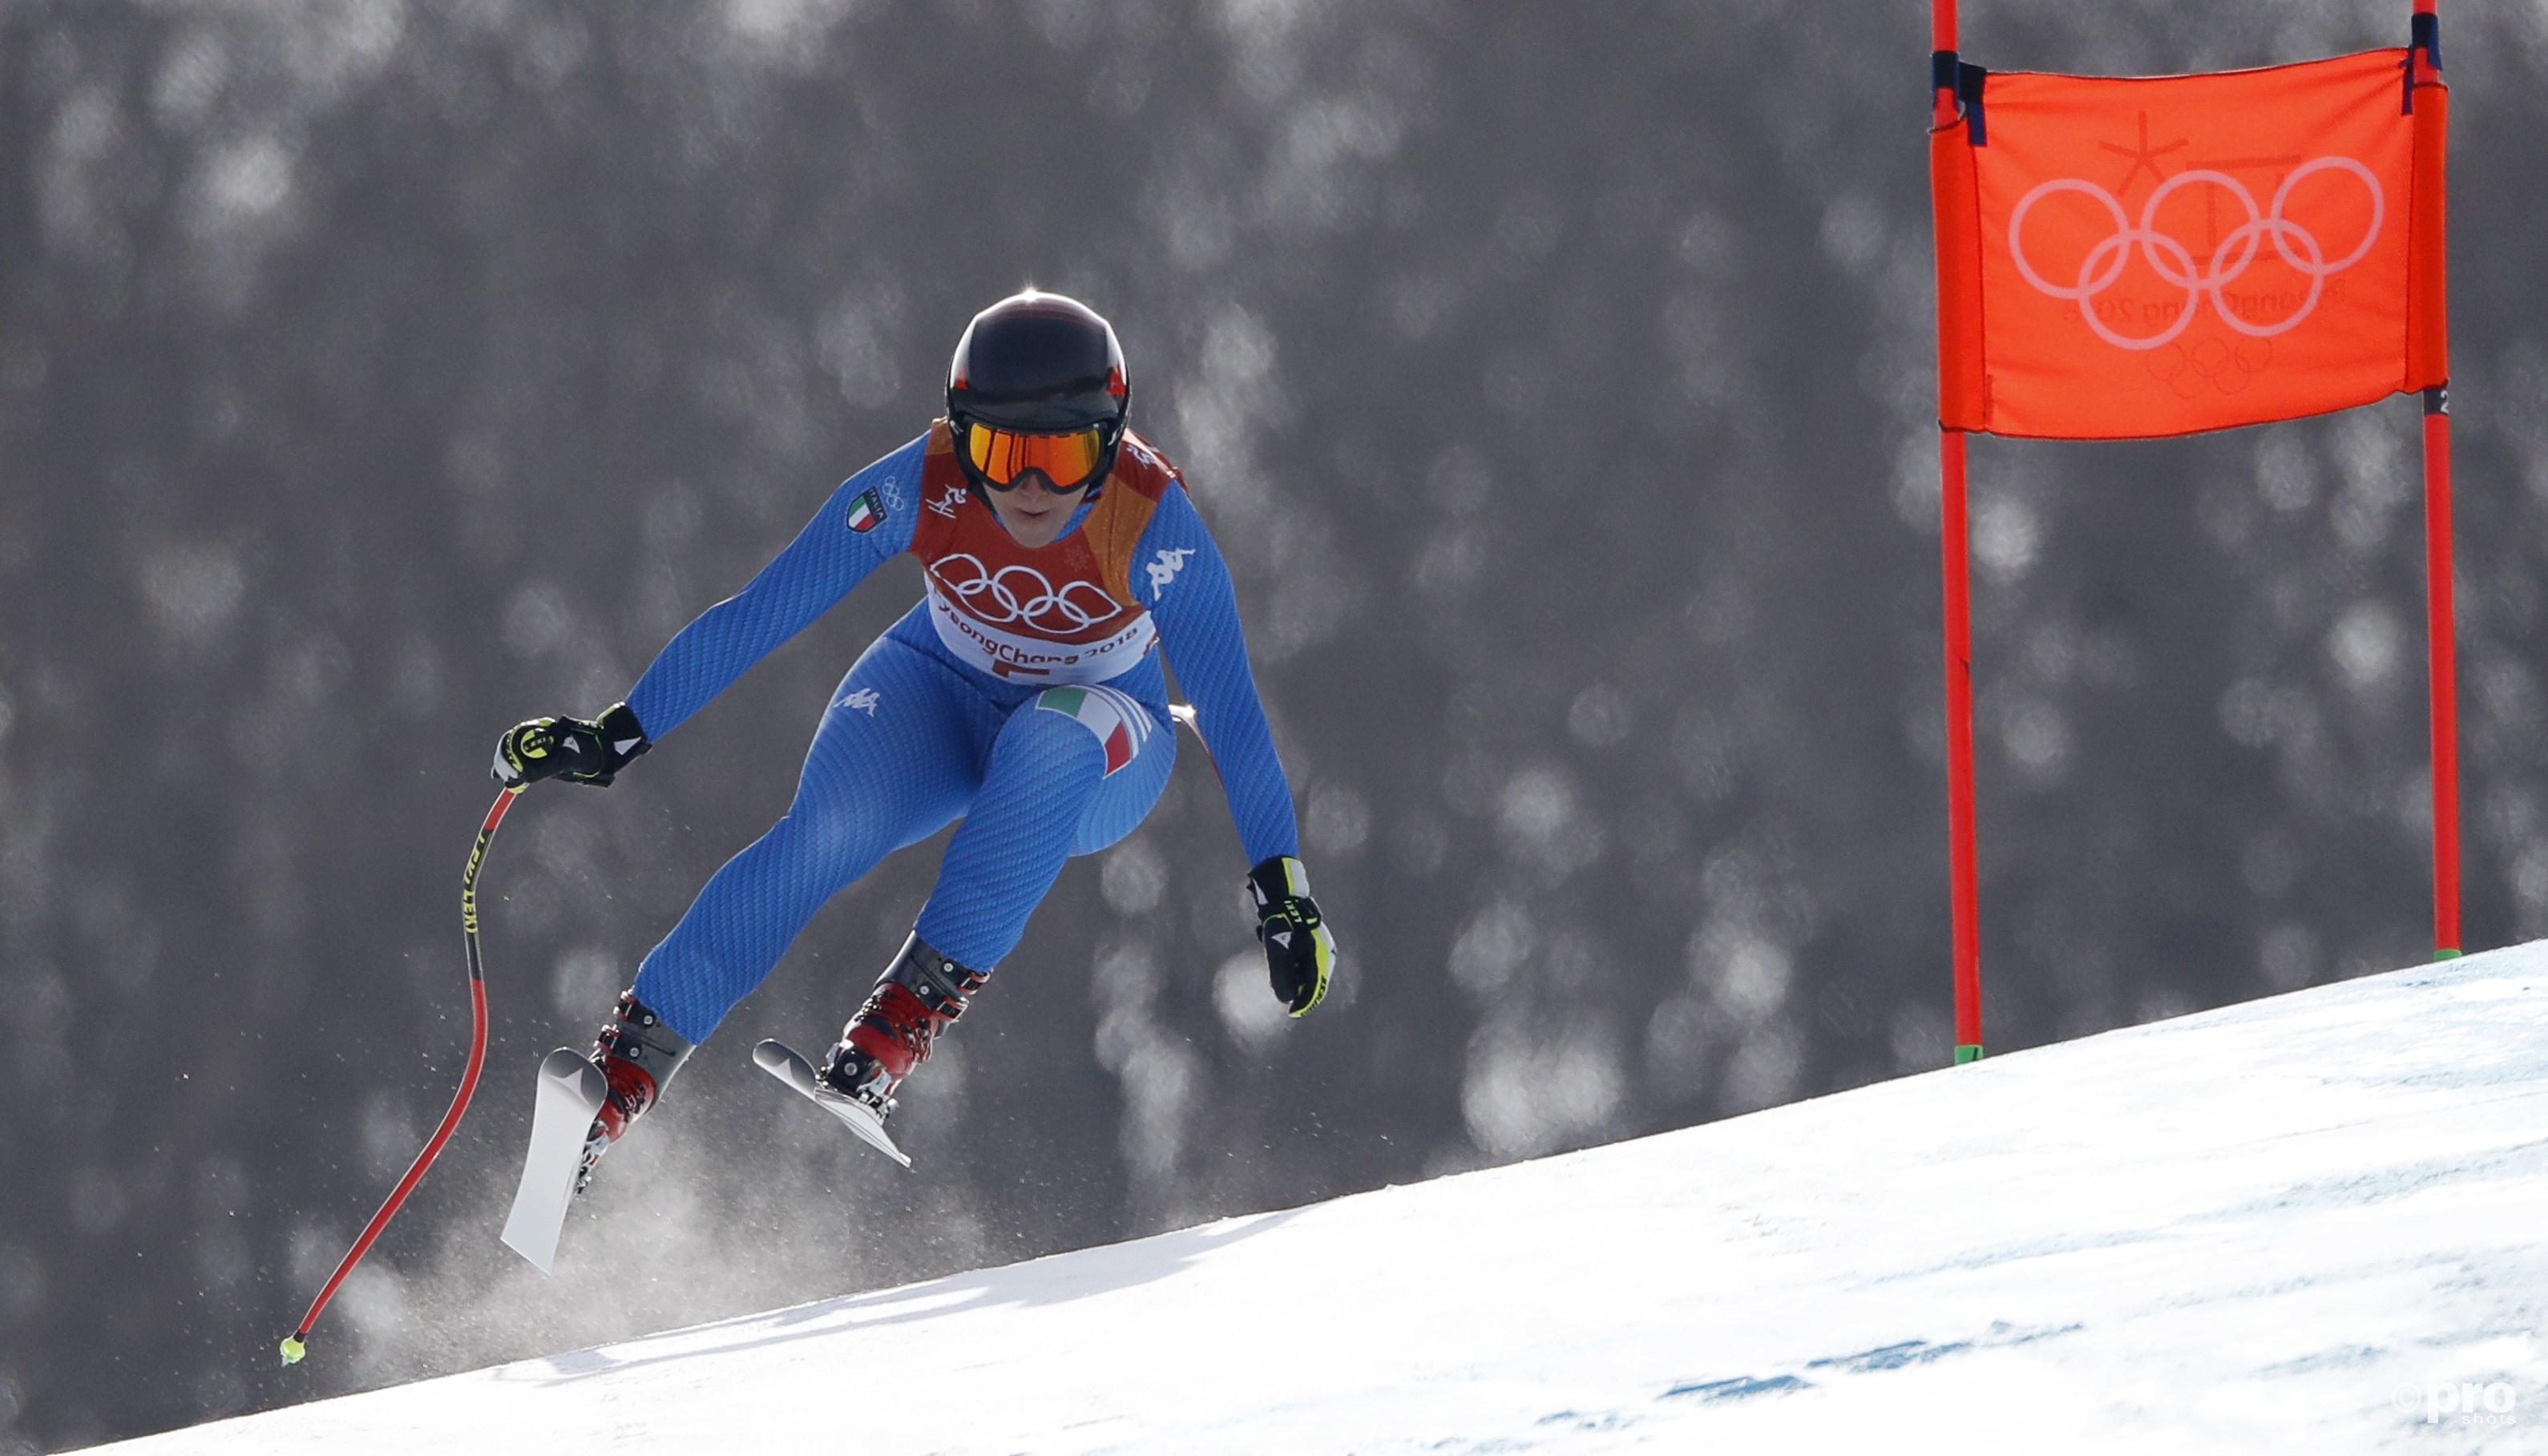 Goggia snelt naar beneden, op weg naar olympisch goud (Pro Shots/Action Images)